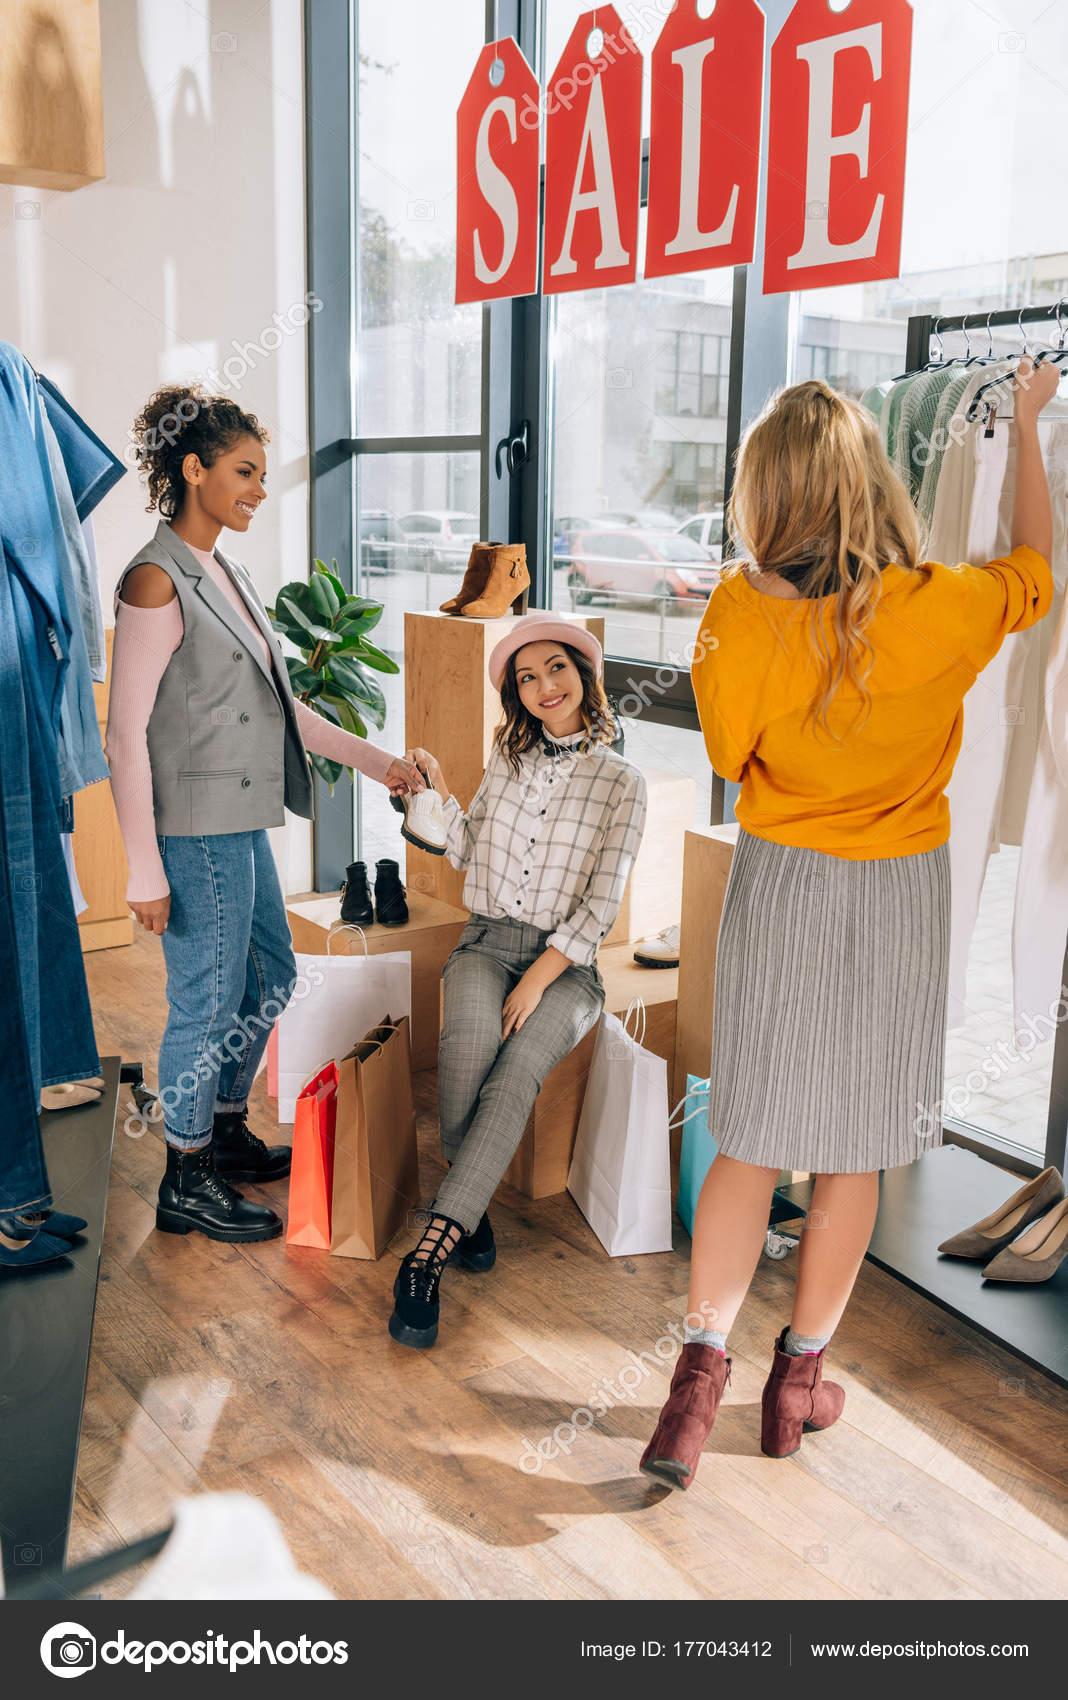 e08ceaacb36c5 Группа молодых женщин на покупки в магазине одежды Распродажа день–  Стоковое изображение